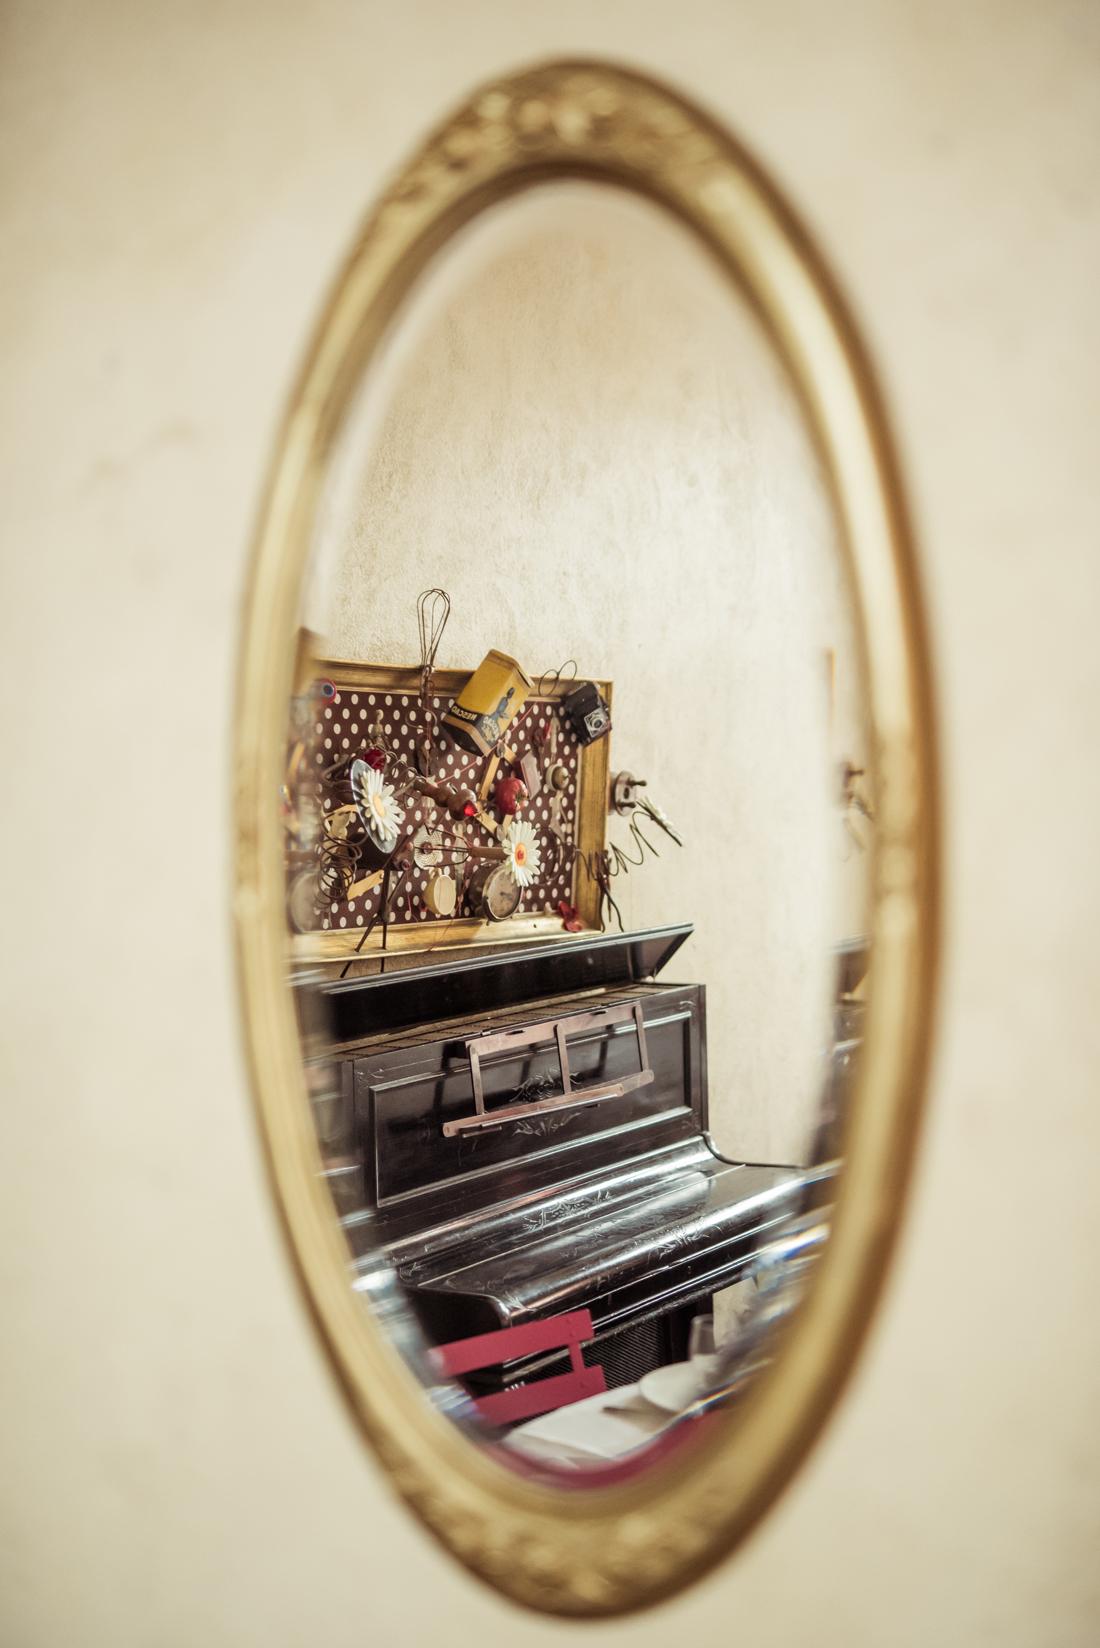 miroir avec un piano droit dans le reflet